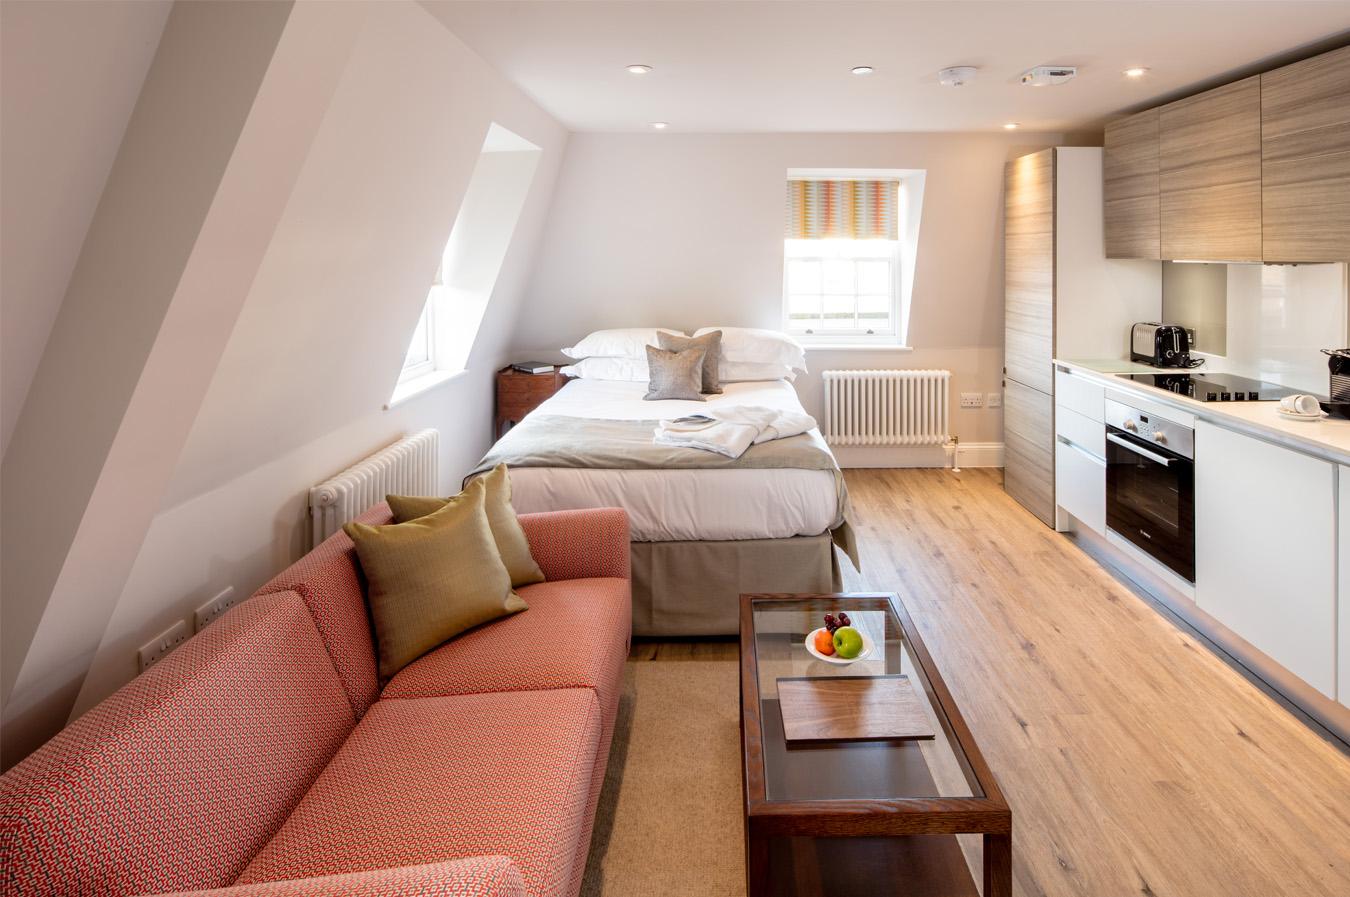 Apartment 10 – Standard Studio